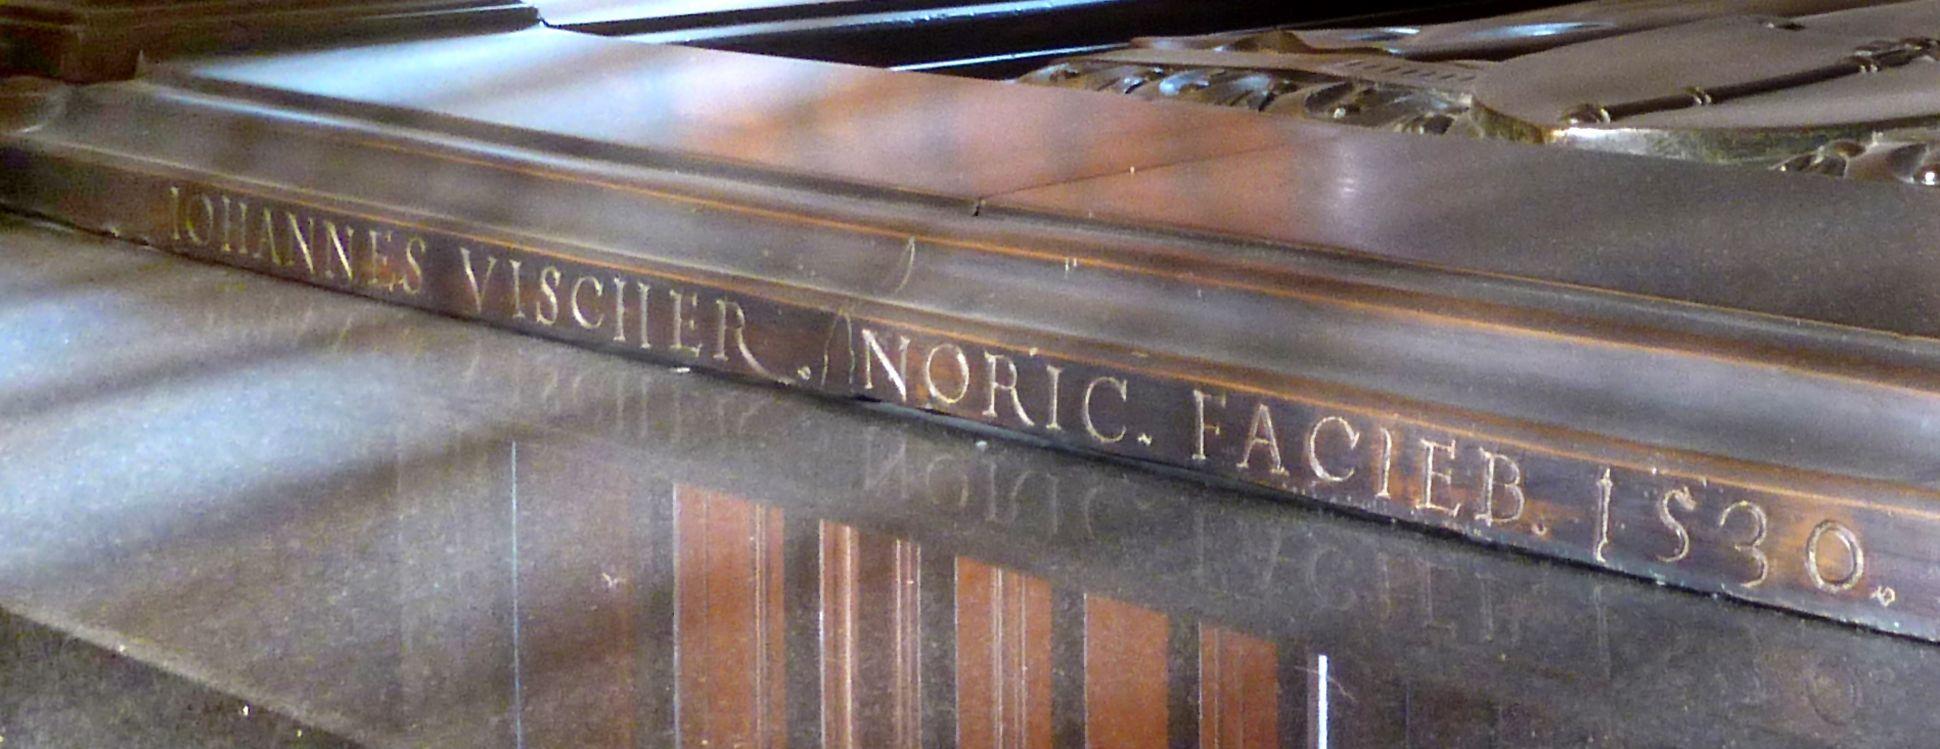 Tischgrab des Johann Cicero, Kurfürst von Brandenburg zu Füßen der unteren Grabplatte: Johannes Vischer Noric(us) facieb(at) 1530 = Johannes Vischer aus Nürnberg hat es gemacht 1530